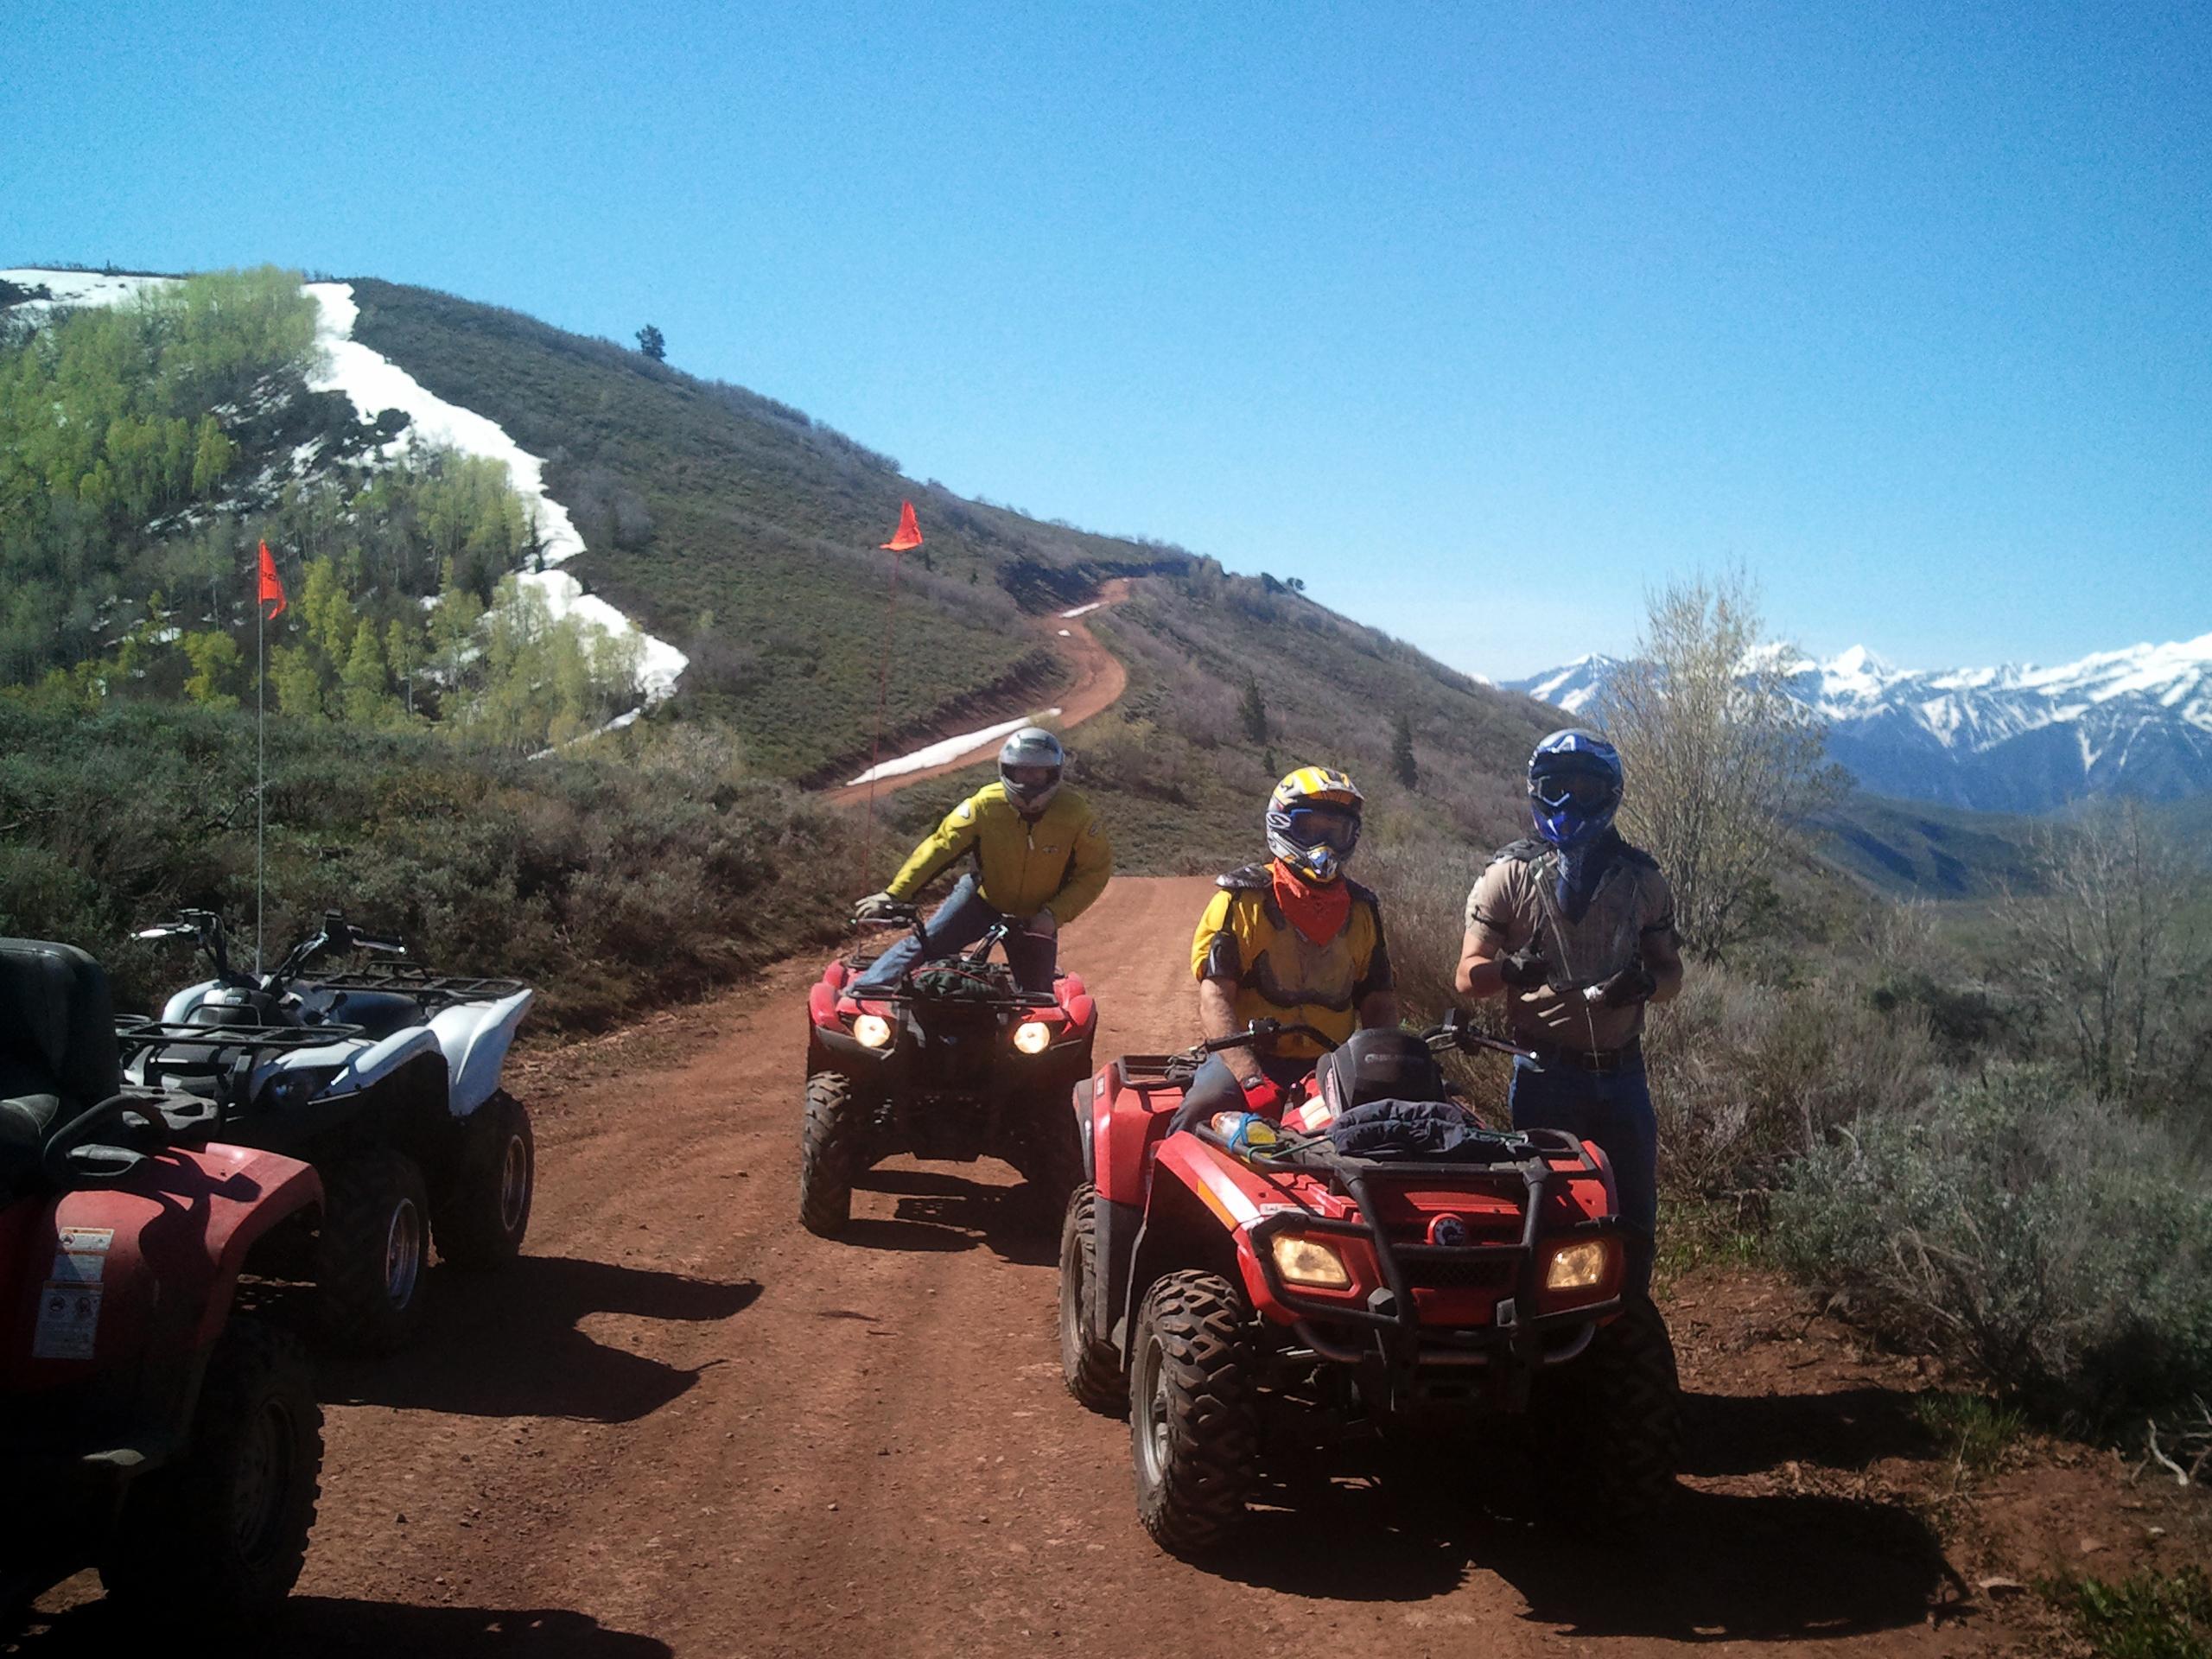 Lofty Peaks Adventures LLC image 0